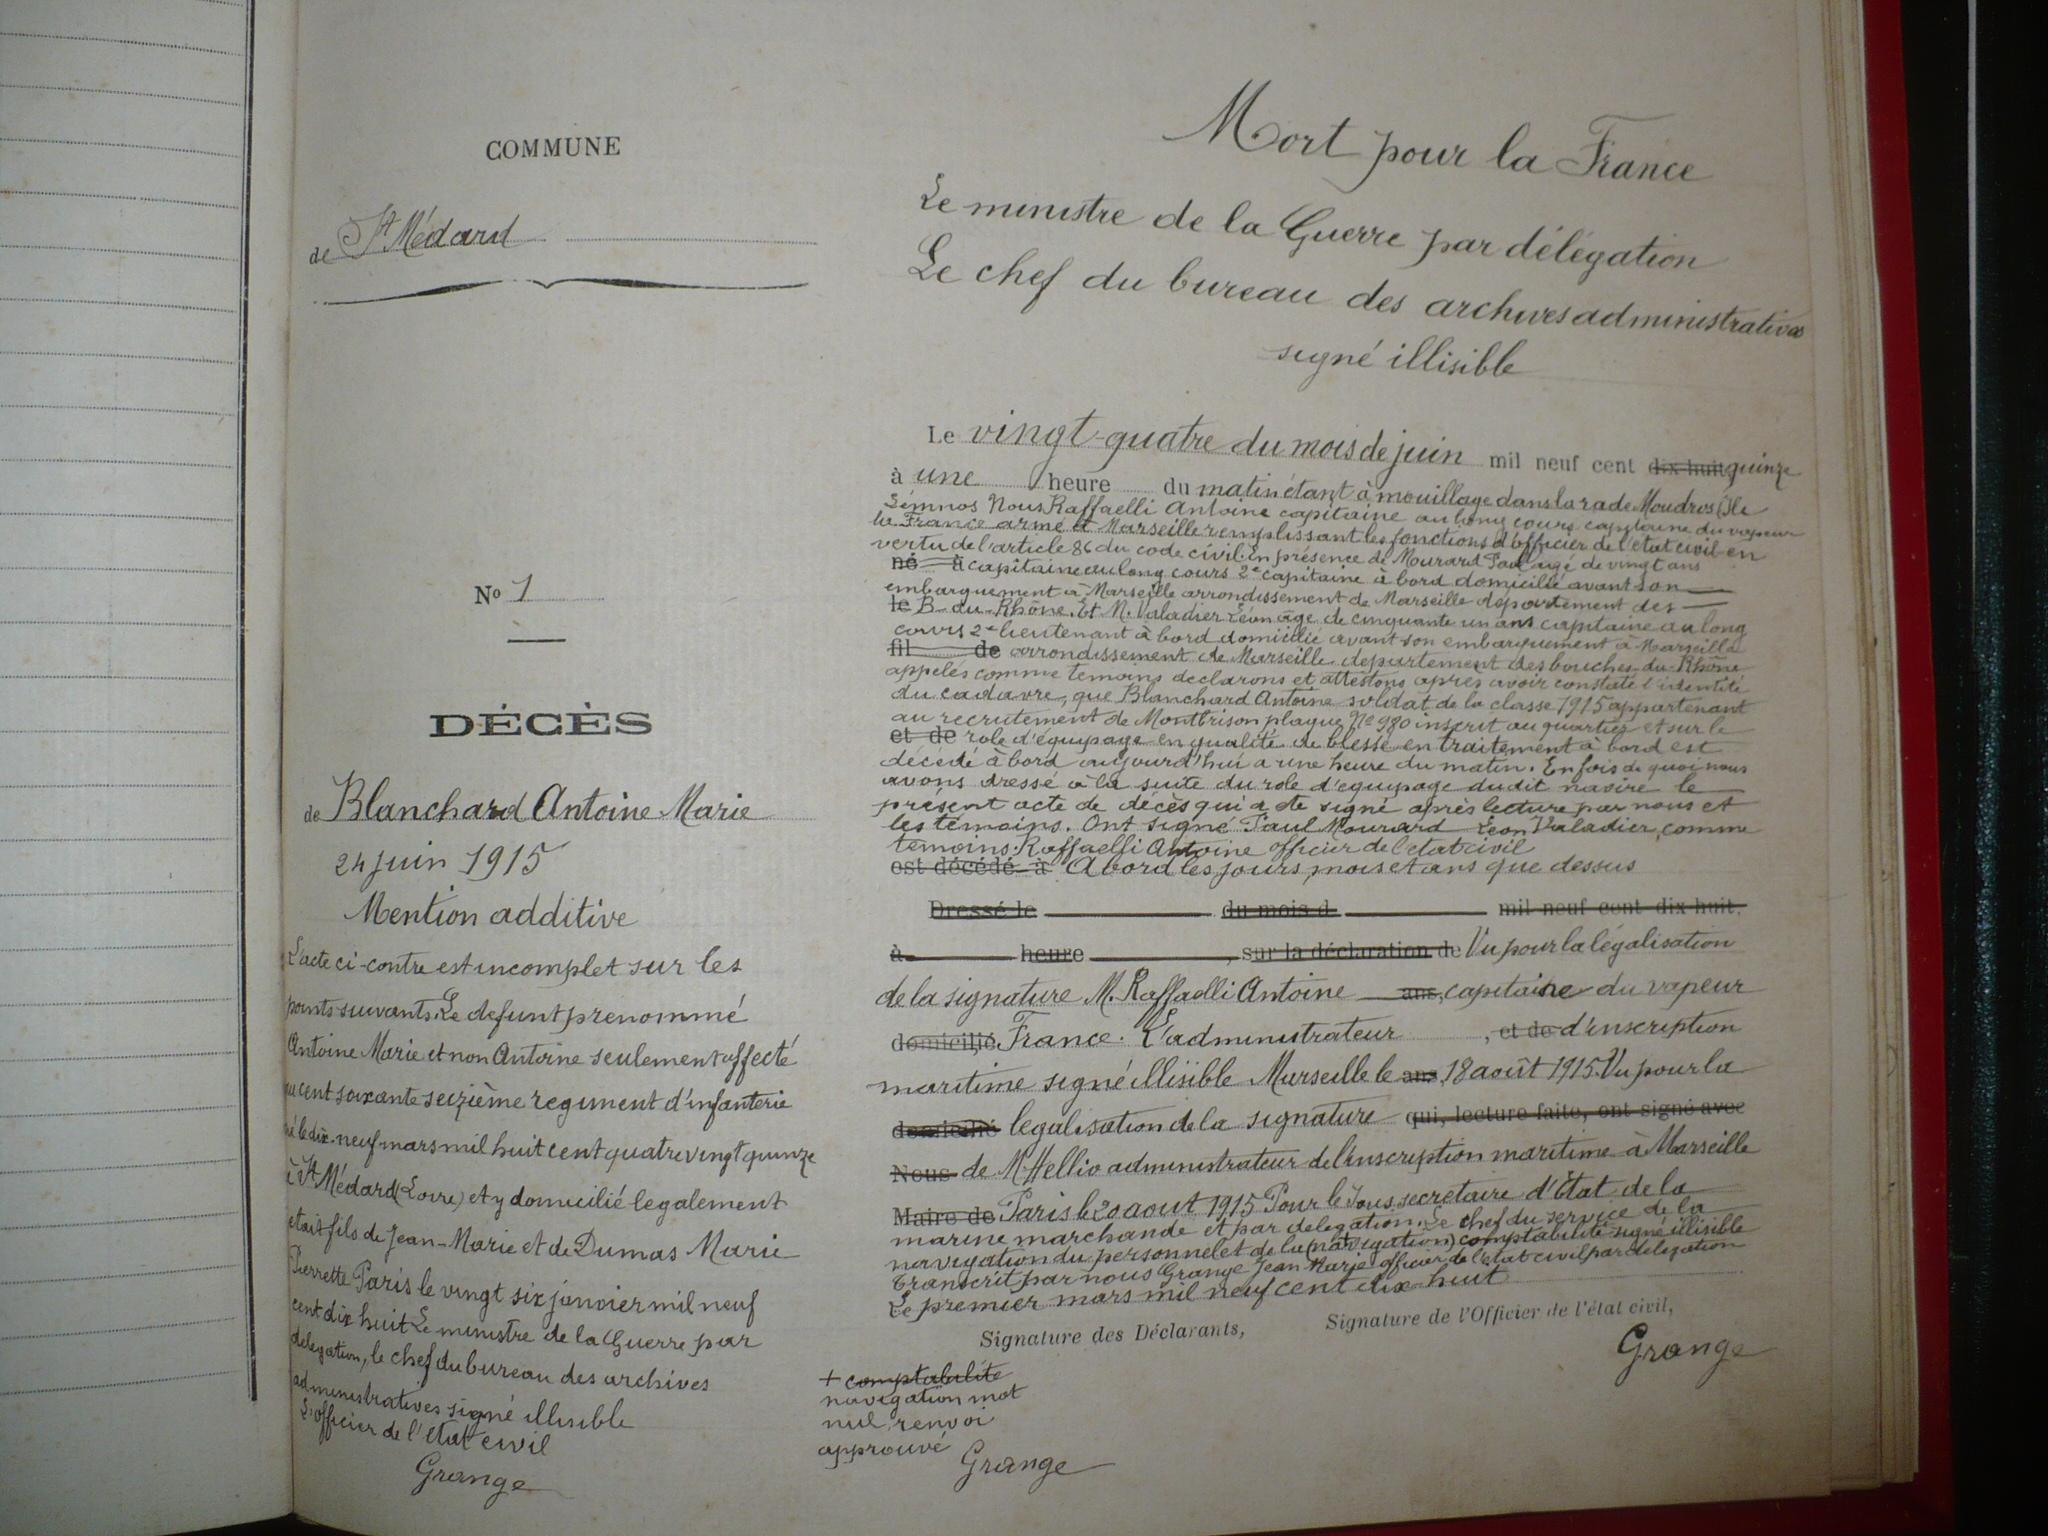 Antoine-Marie-Blanchard-24-06-1915.JPG